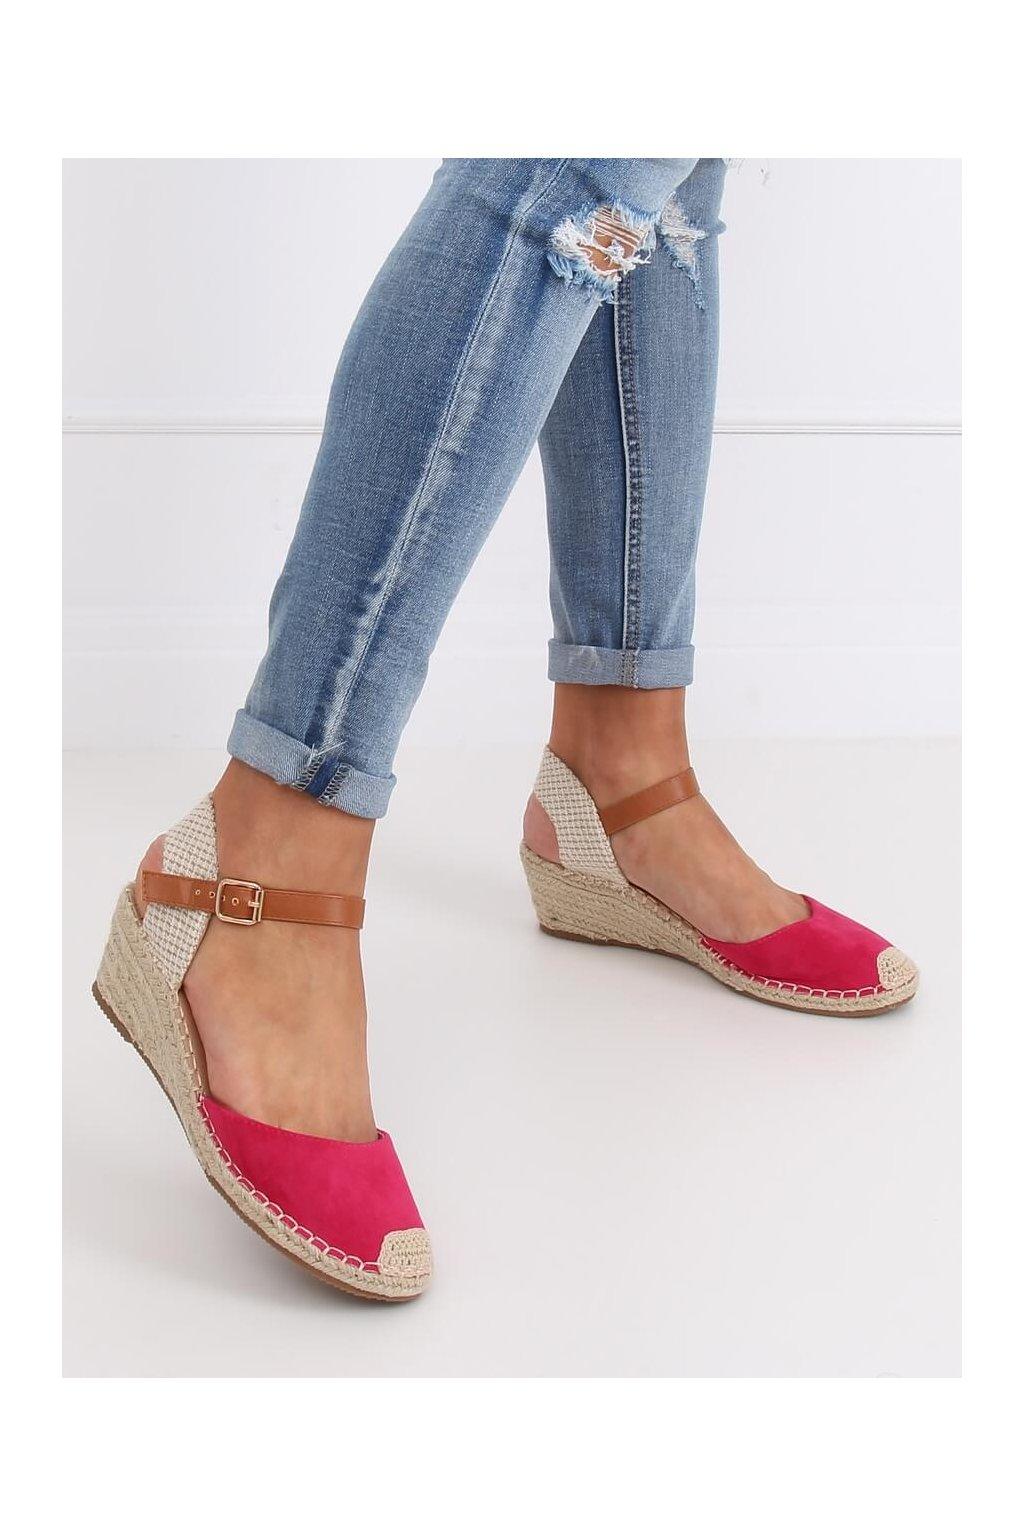 Dámske sandále ružové na platforme S-820